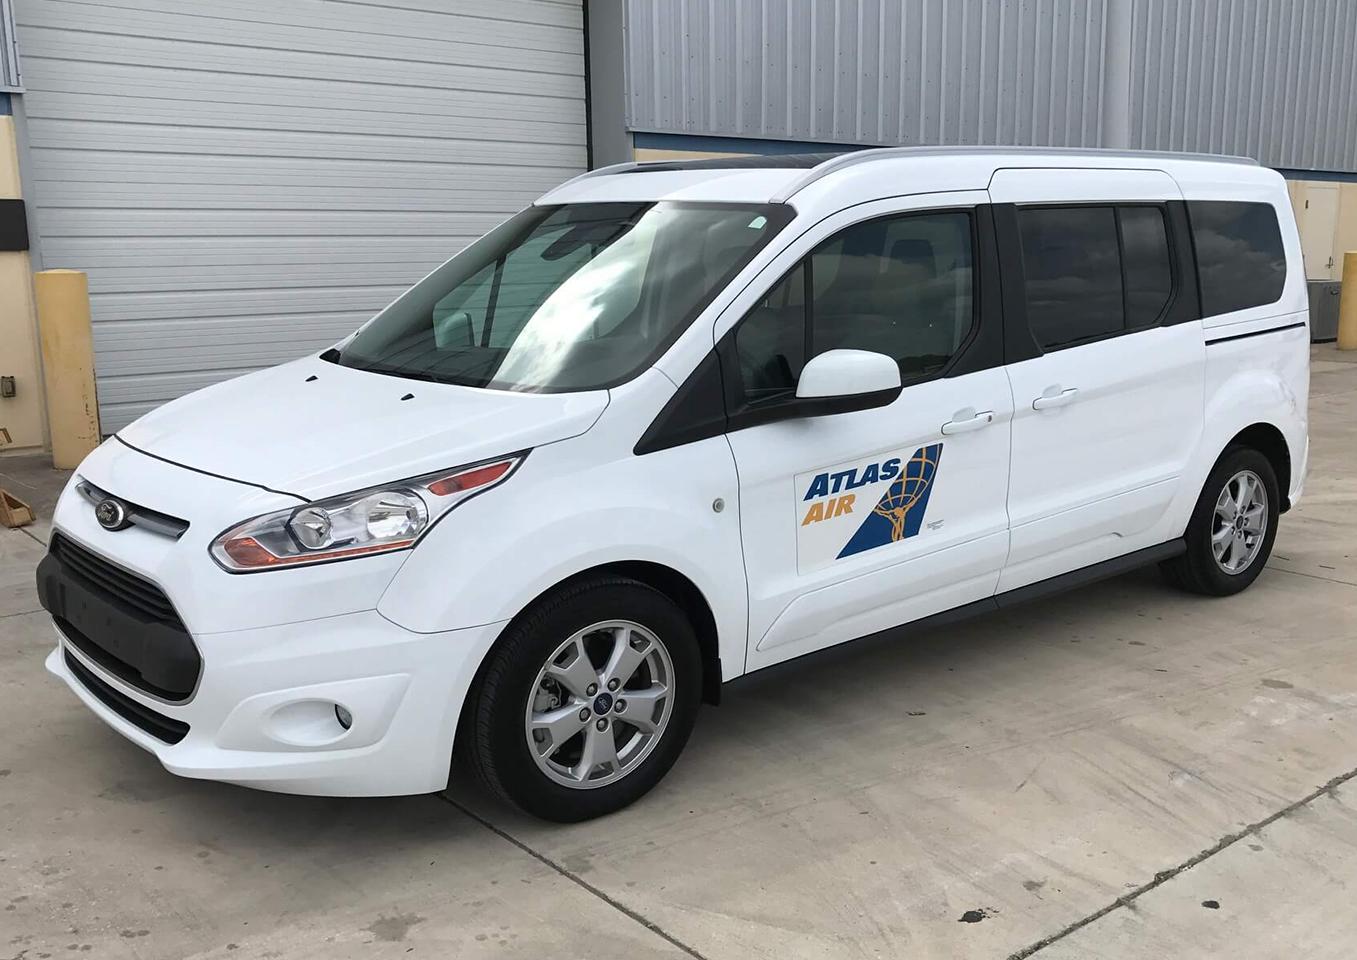 atlas-air-relies-on-fleetio-fleet-management-software